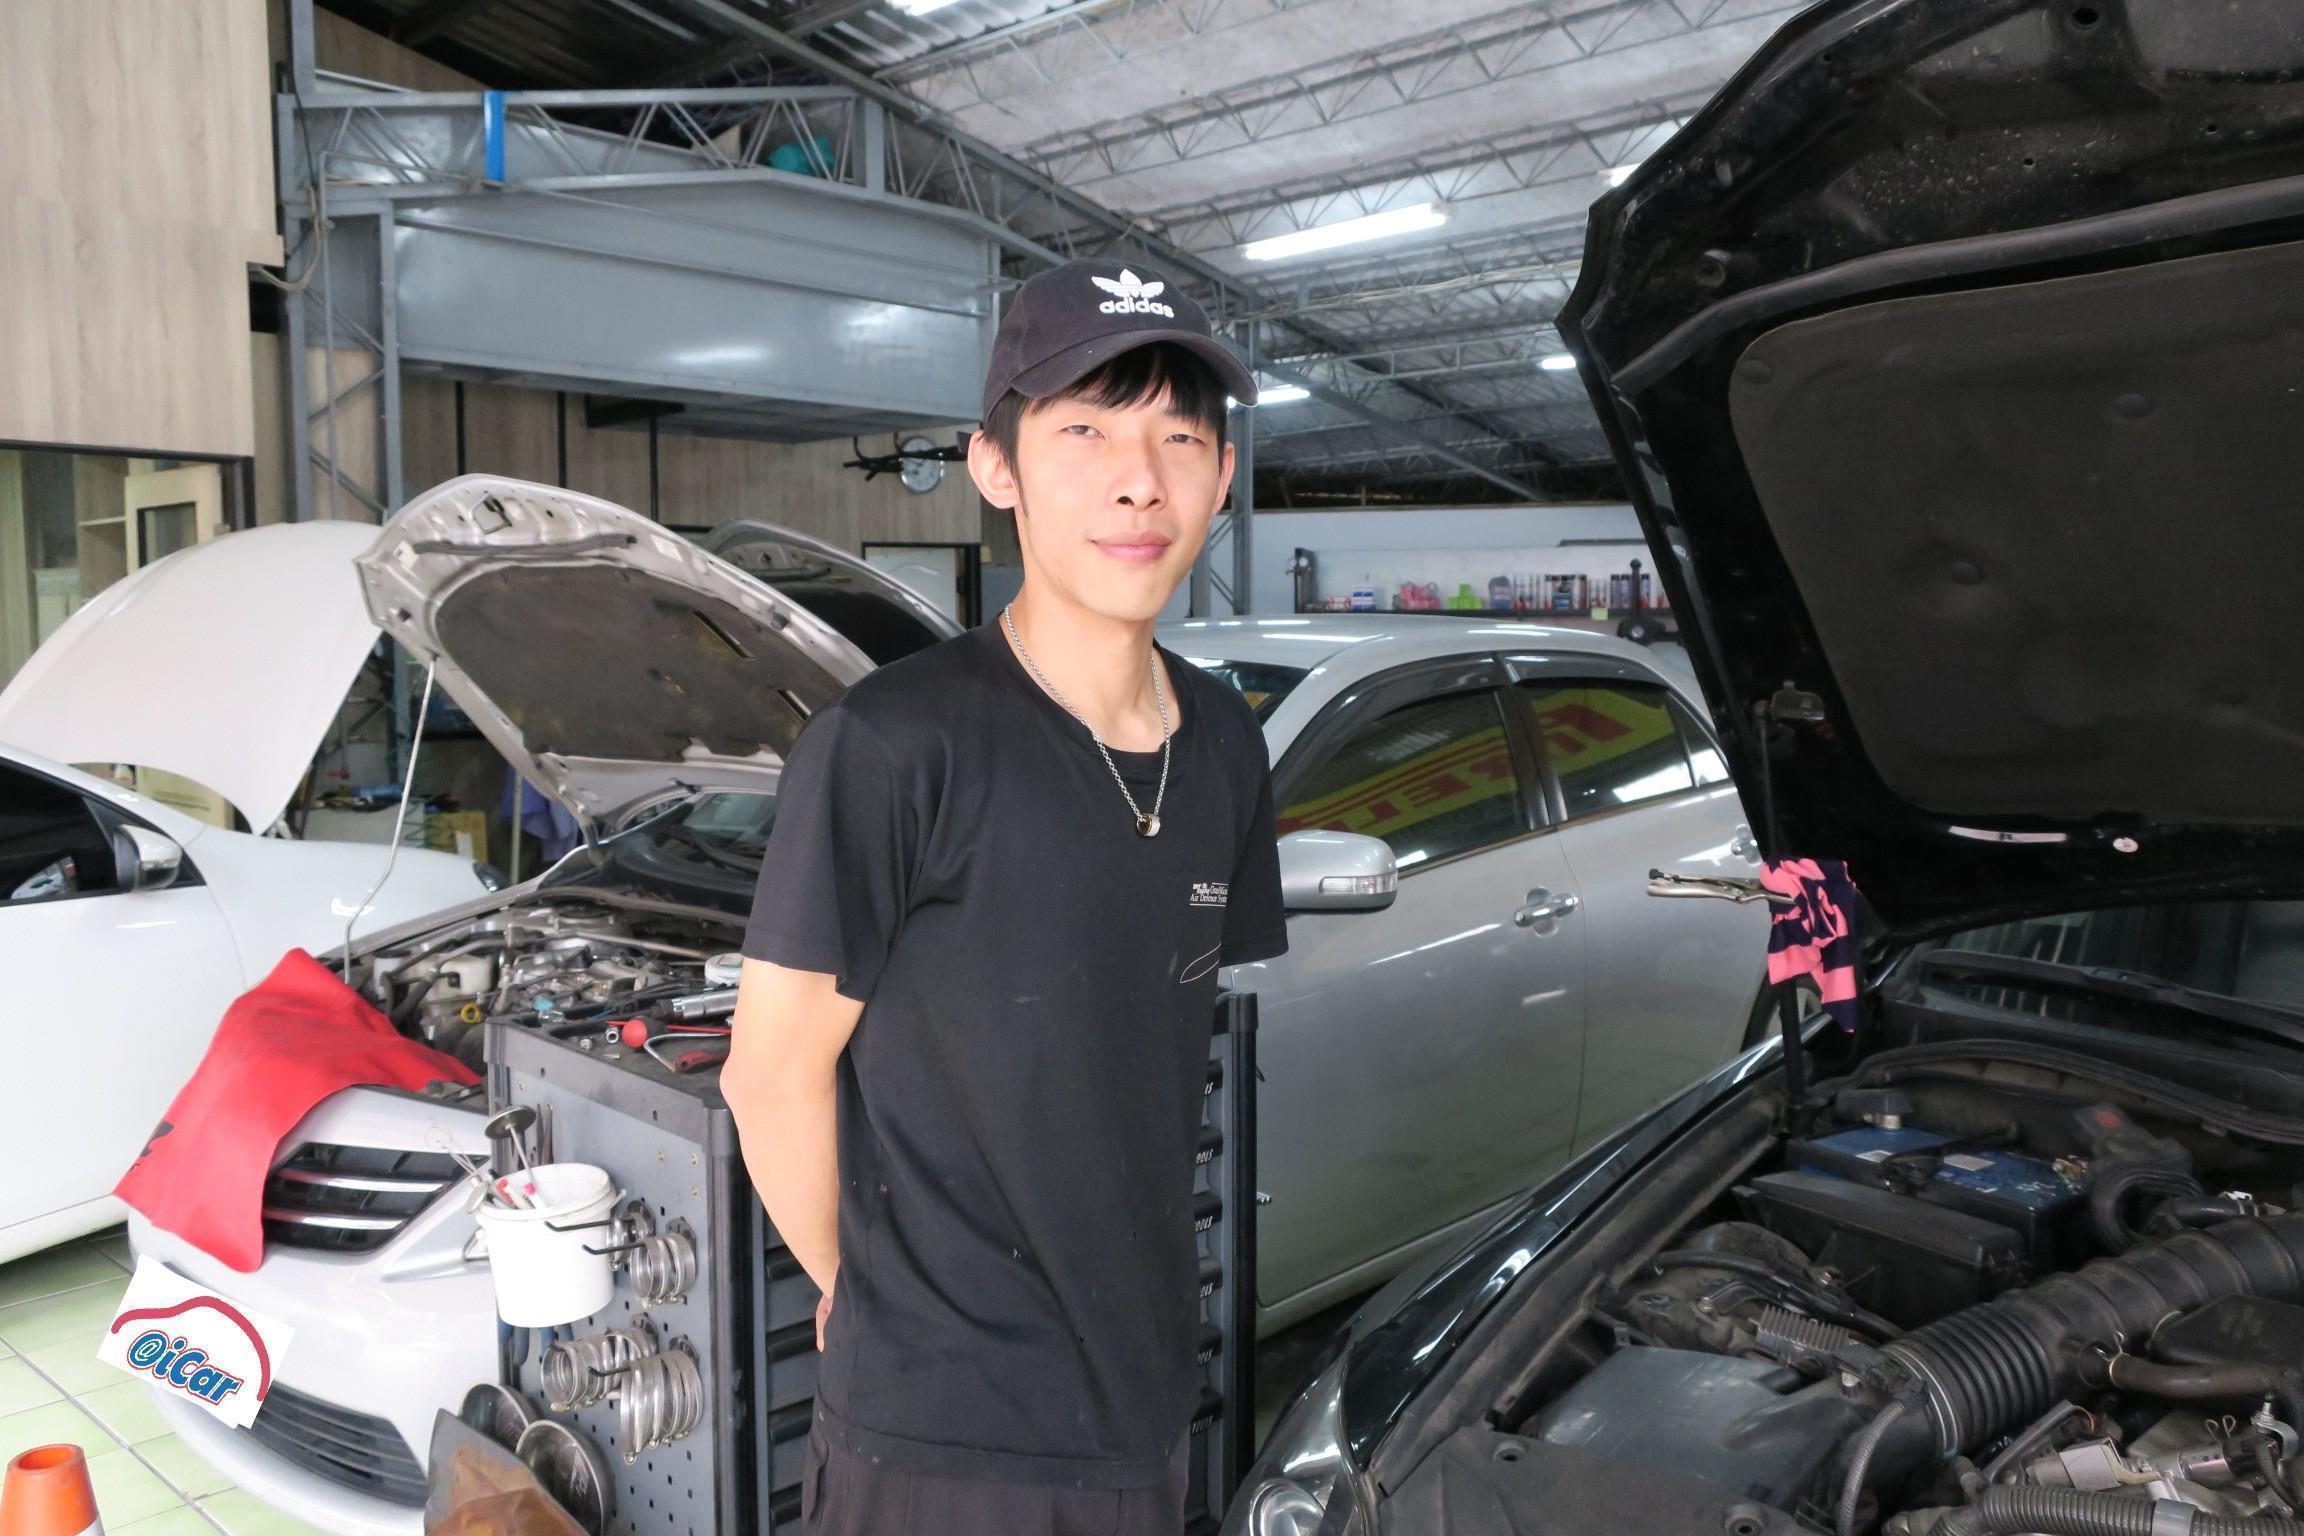 樺業汽車歡迎您的蒞臨,我們提供專業、用心的汽車保修技術服務。